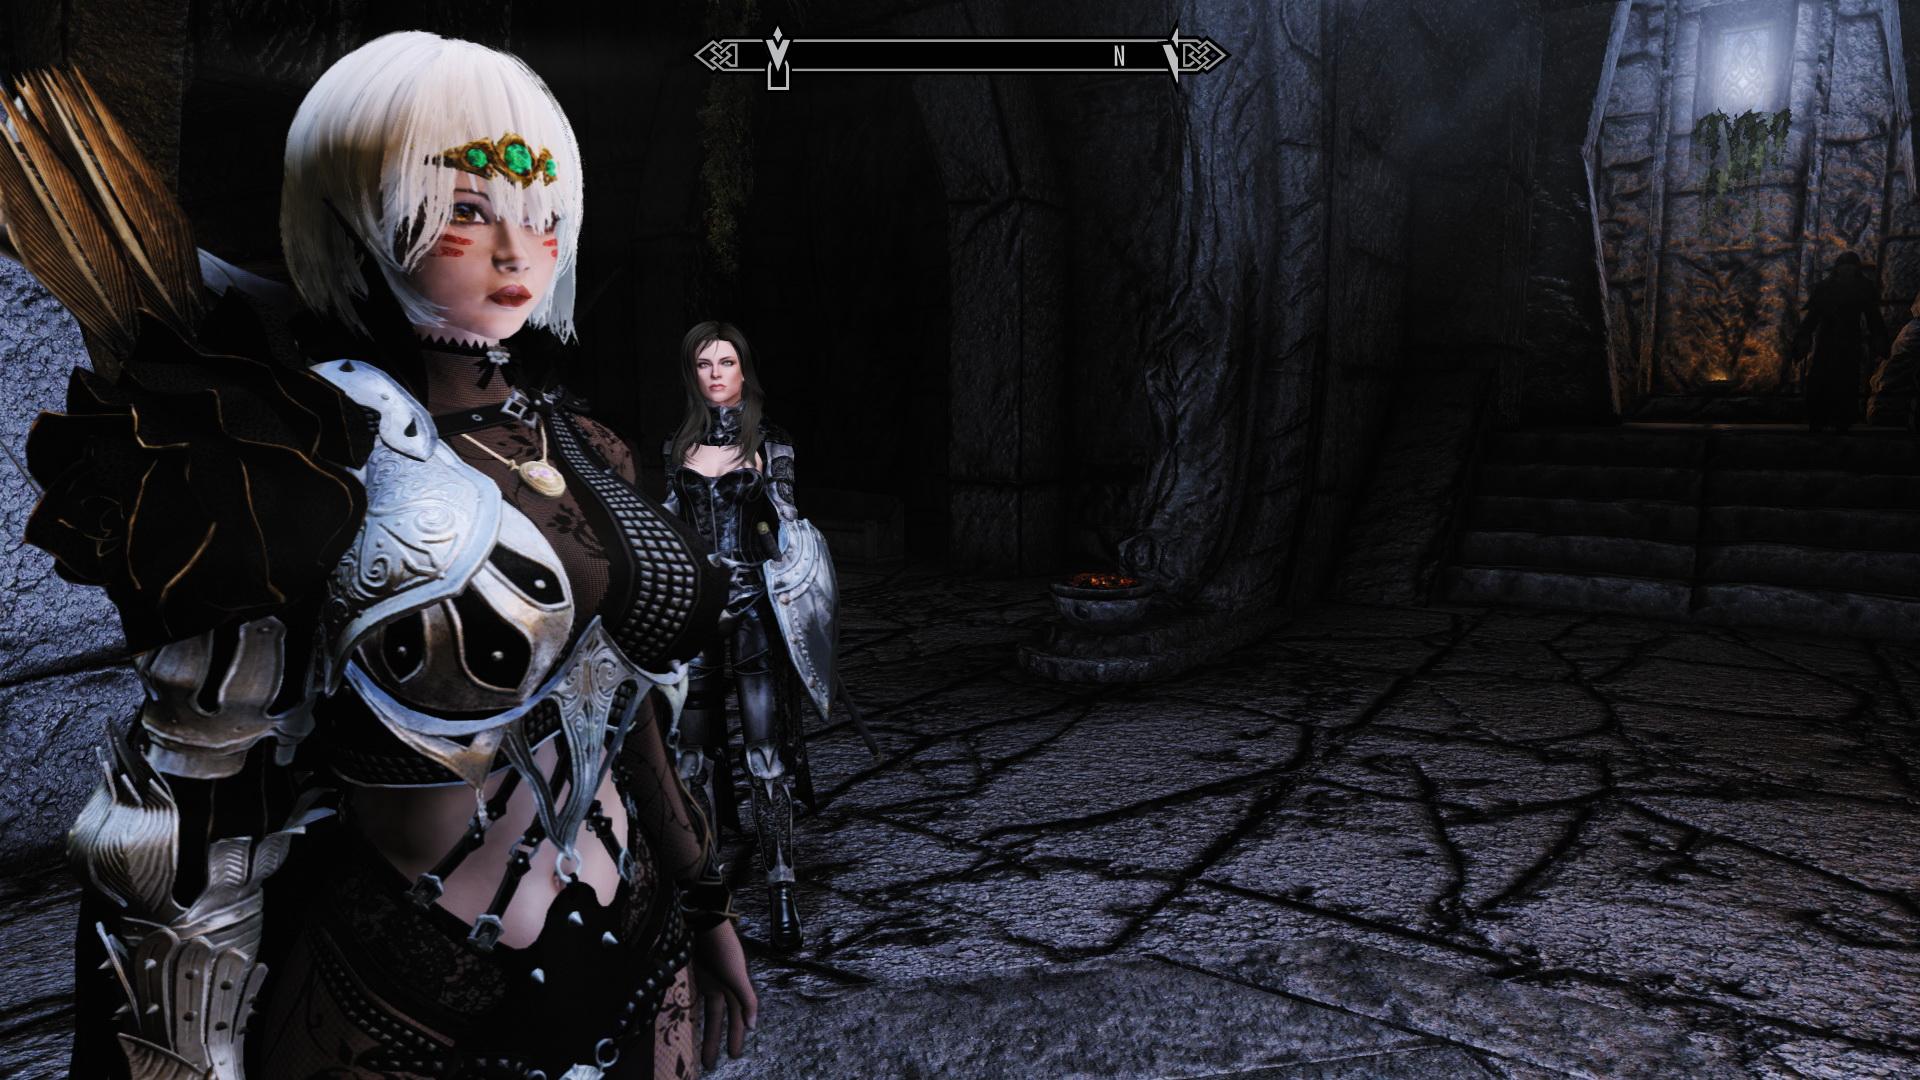 Мой игровой персонаж - Elder Scrolls 5: Skyrim, the